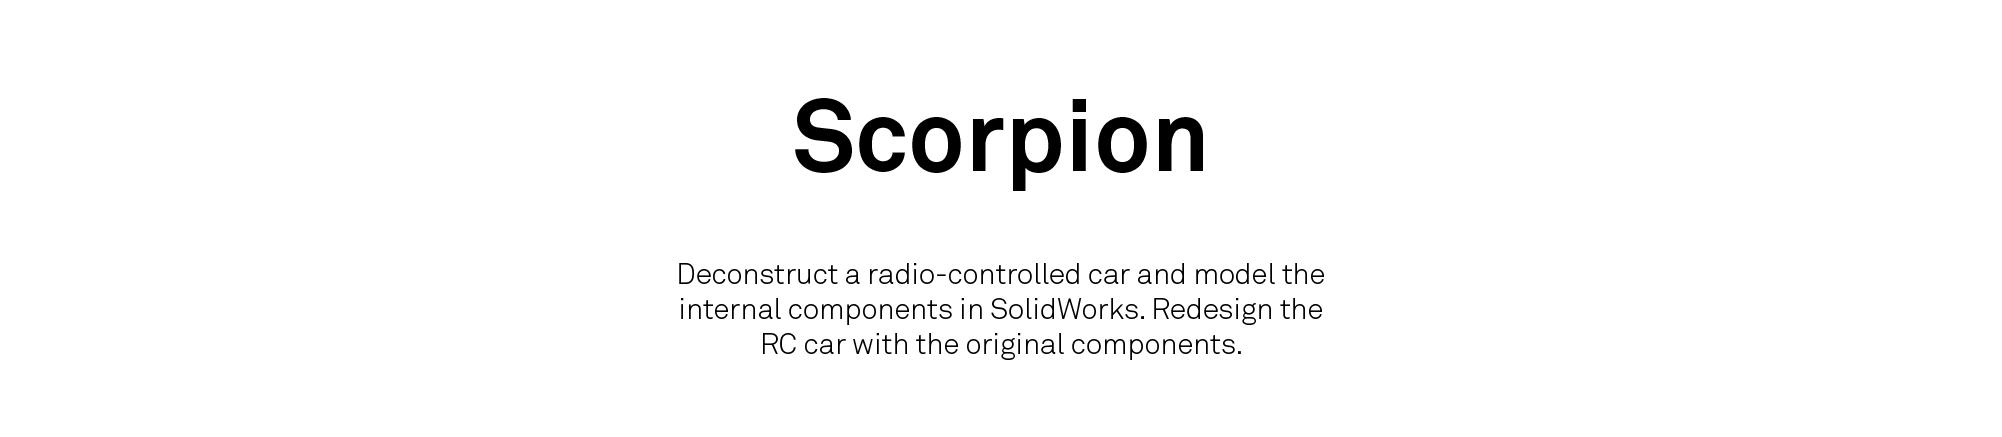 scorpion copy 2-03.jpg